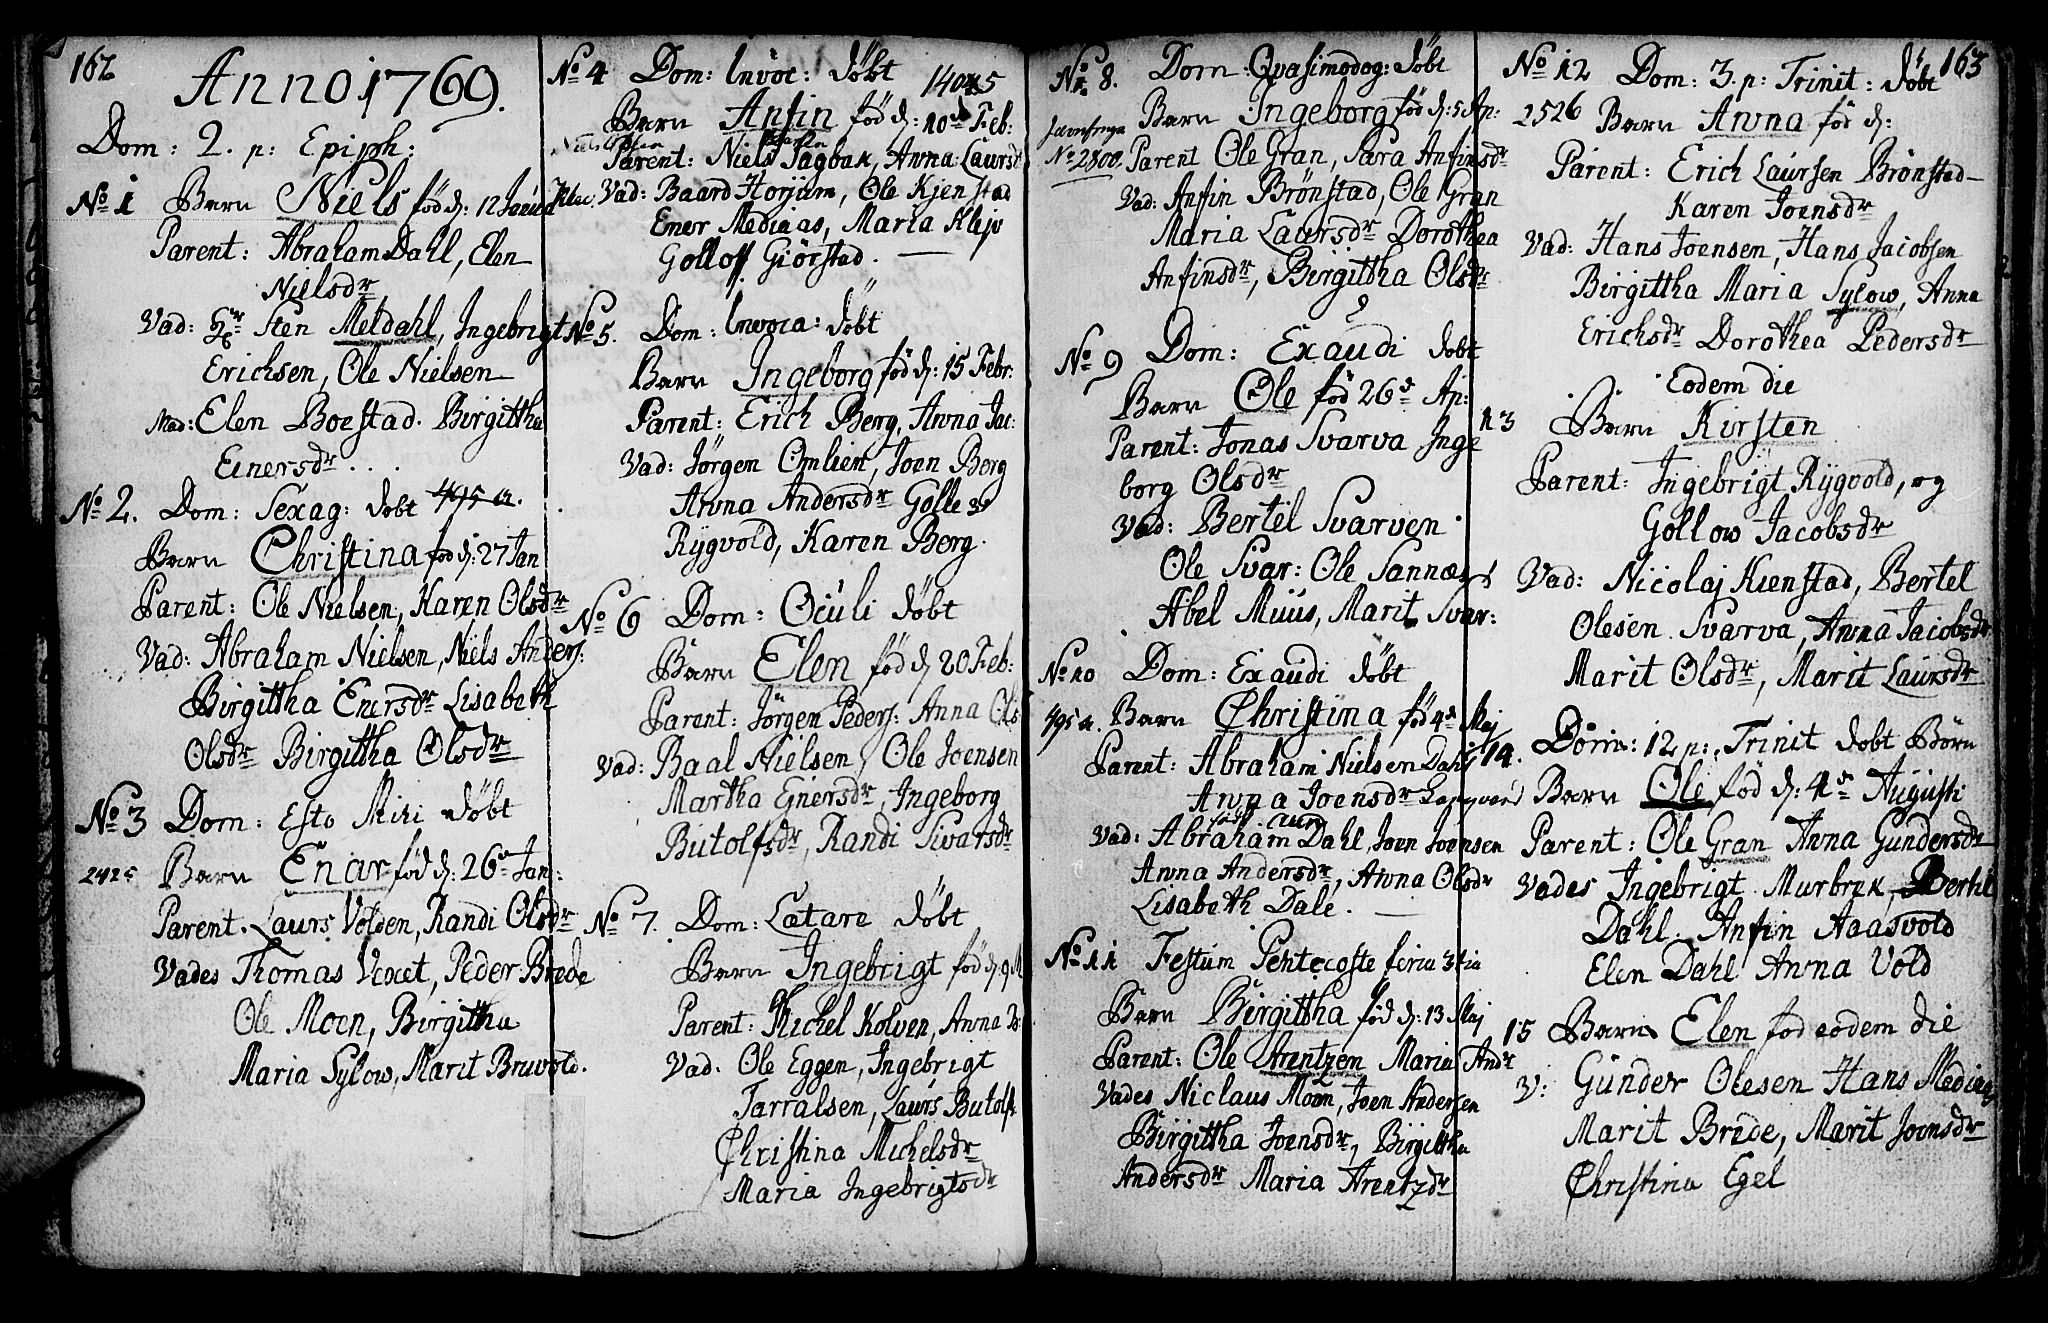 SAT, Ministerialprotokoller, klokkerbøker og fødselsregistre - Nord-Trøndelag, 749/L0467: Ministerialbok nr. 749A01, 1733-1787, s. 162-163